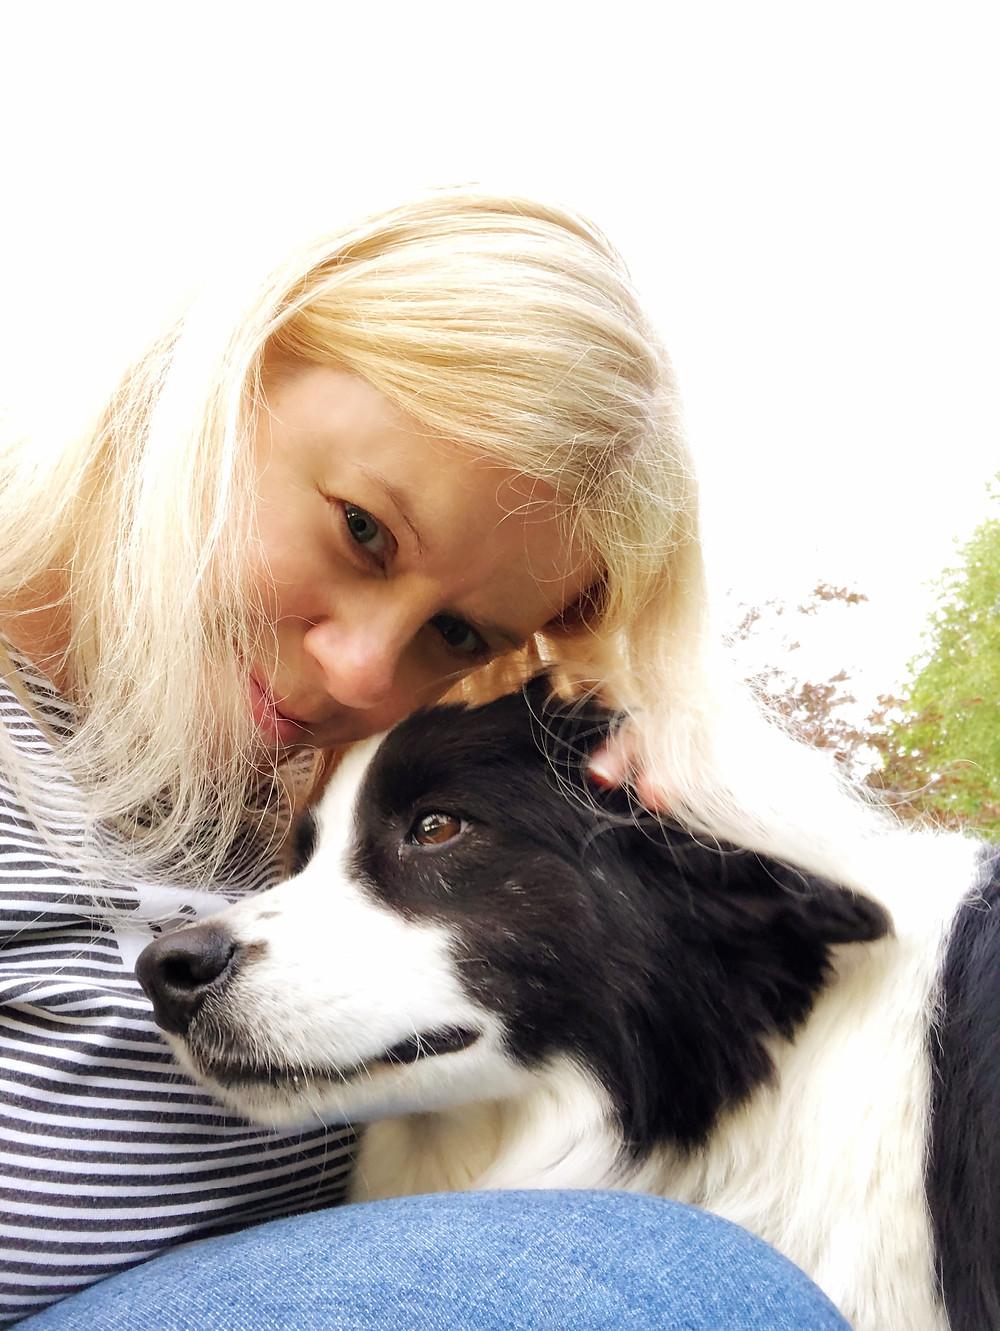 Somerset cool, Somerset and Dorset Animal Rescue, Somerset blog, Somerset blogger